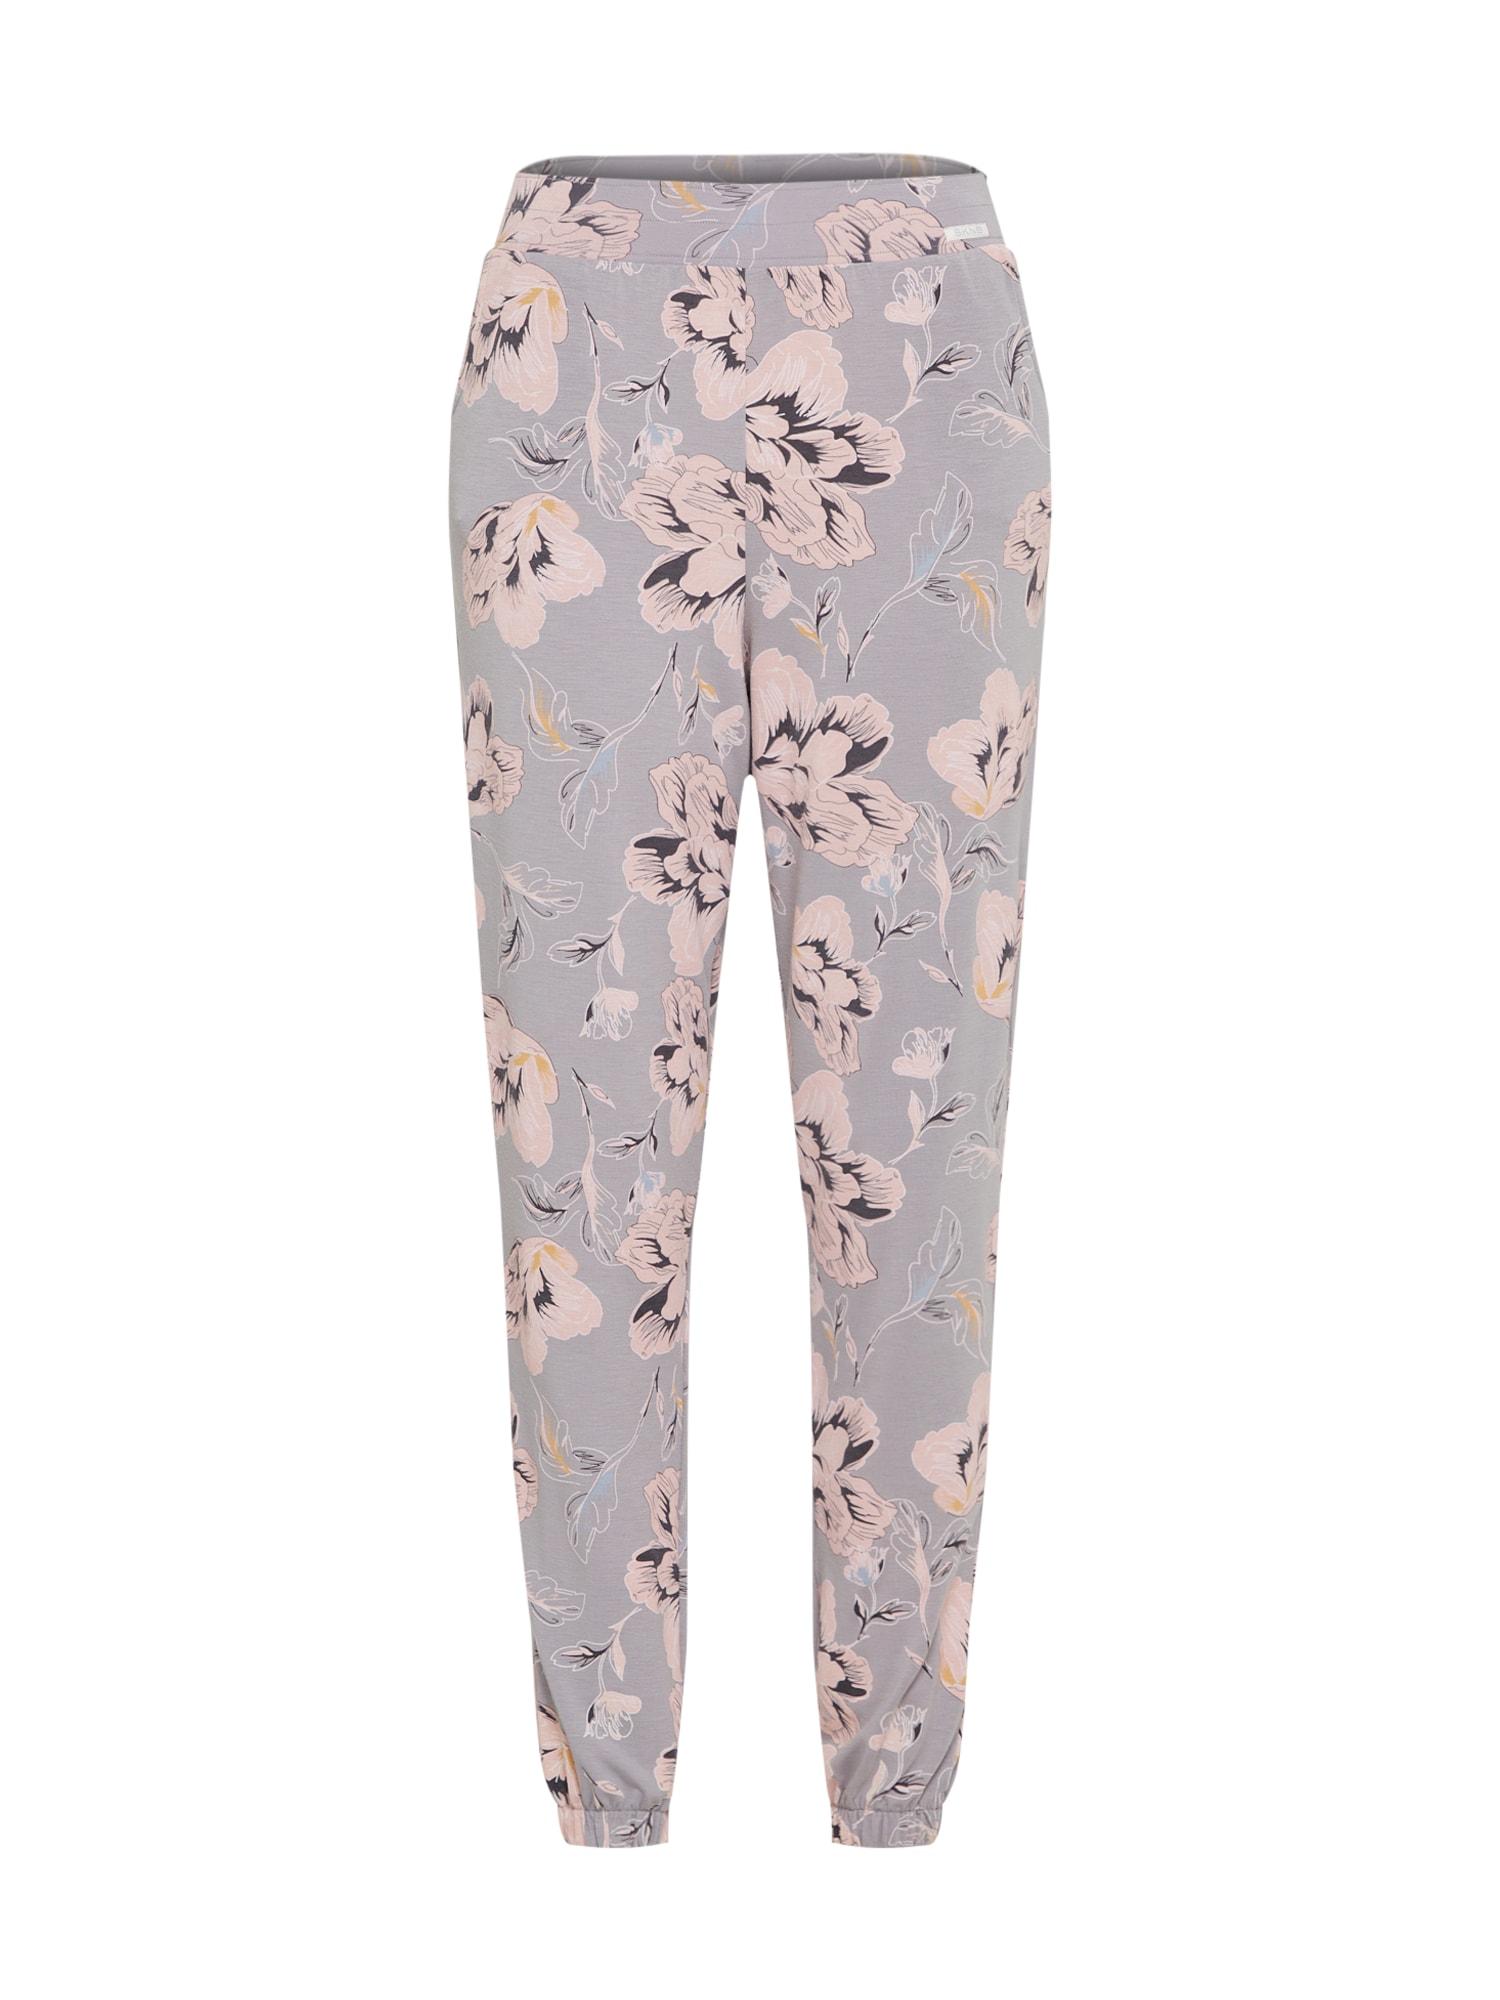 Pyžamové kalhoty Identity šedobéžová mix barev Skiny